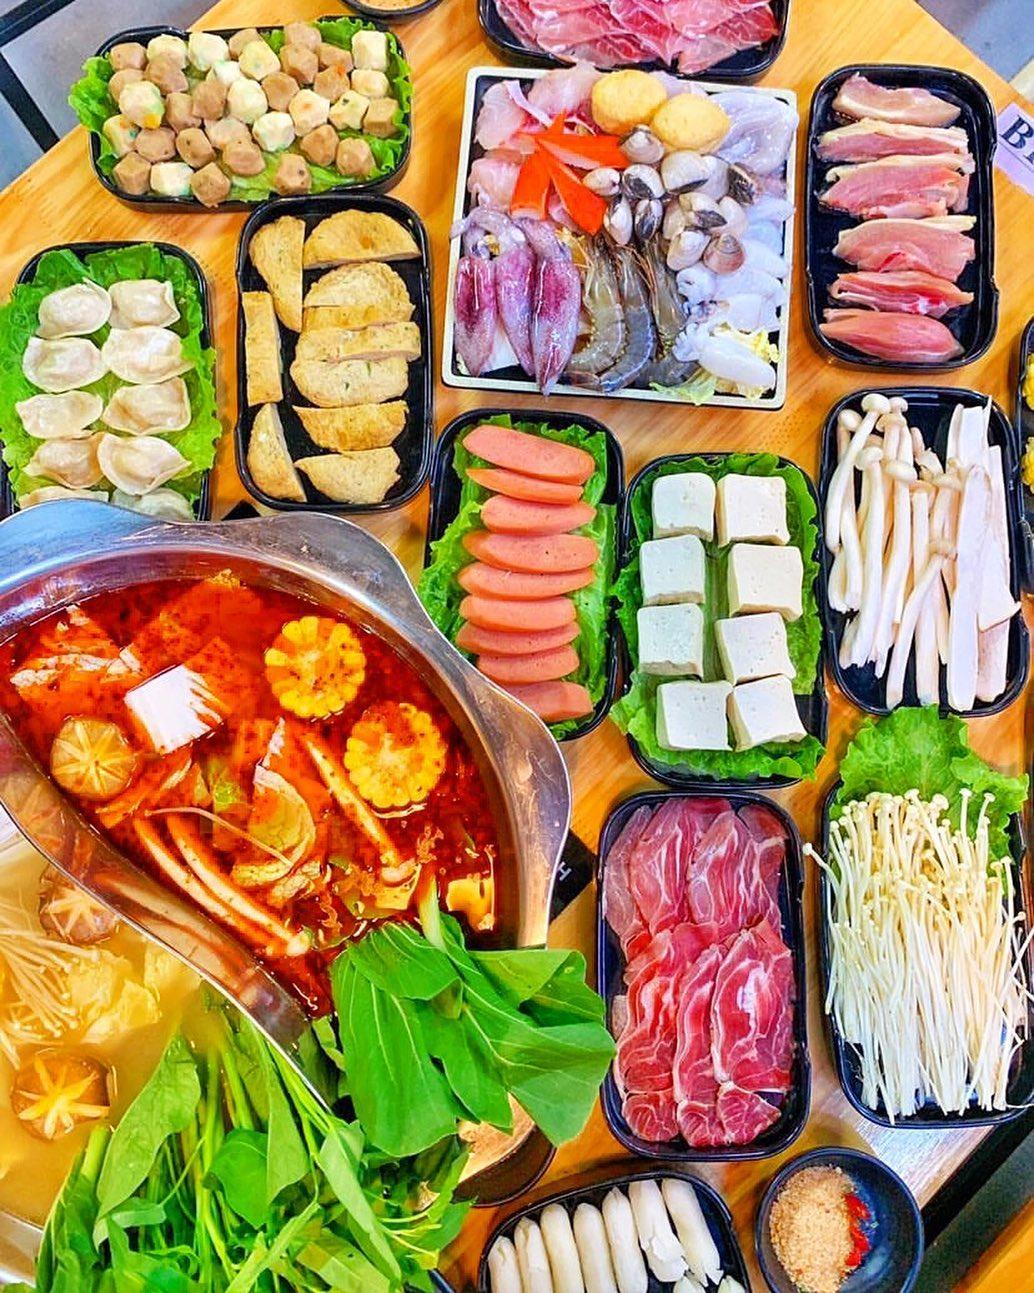 khong gian lau wang buffet hai san ha dong